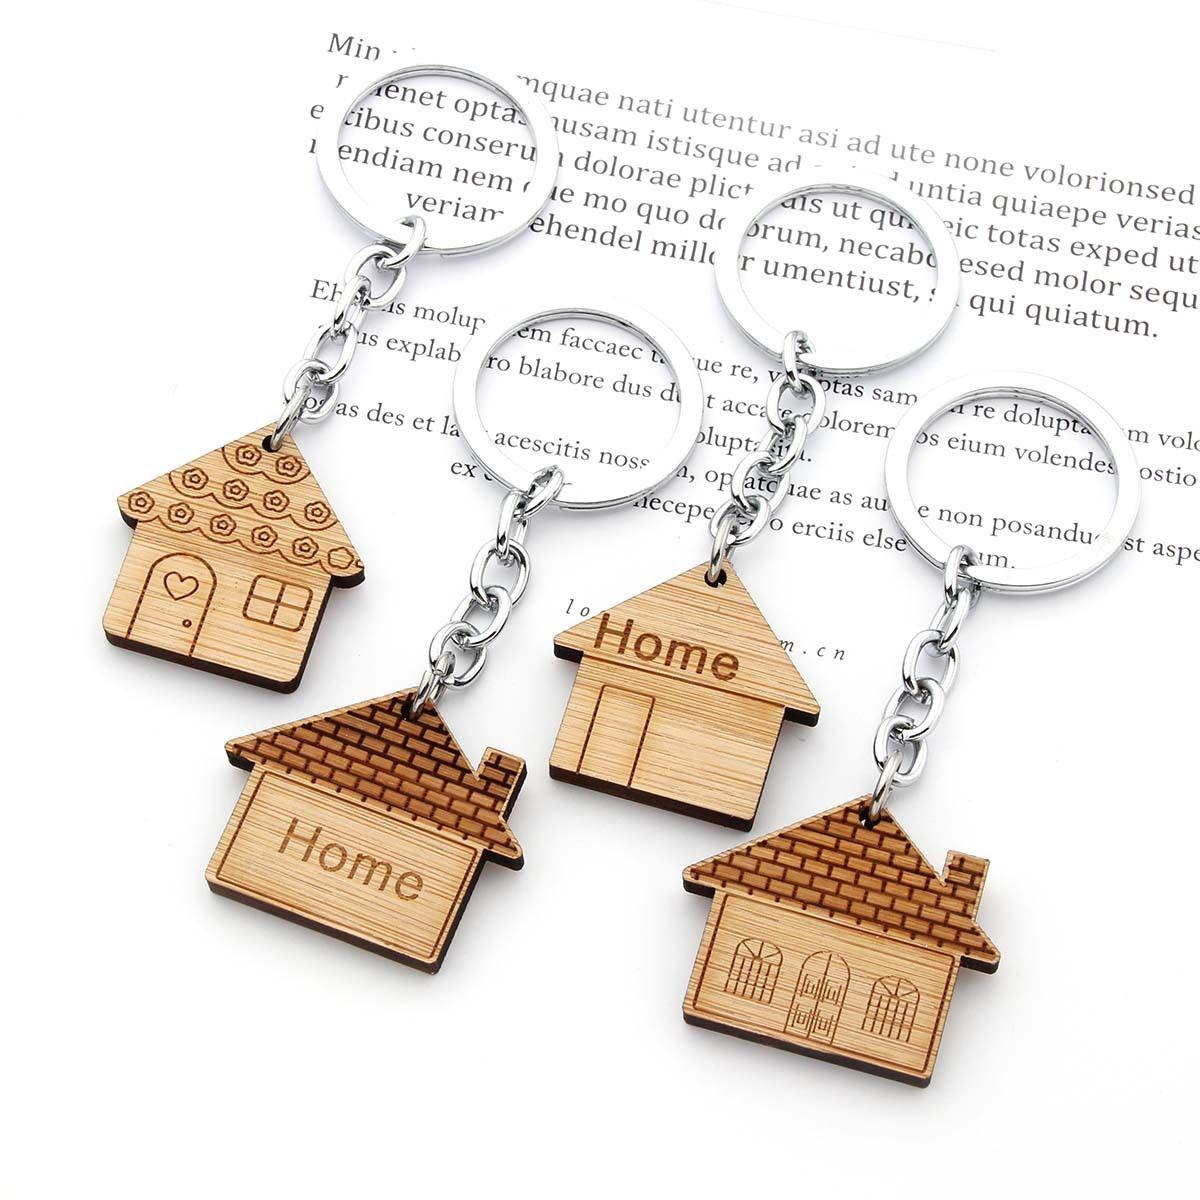 منزل مفتاح سلسلة الخشب المفاتيح housewarming حزب اللوازم هدية المنزل محفورة مفاتيح حلقة أول الاحترار تفضل تعزيز الهدايا WY1511